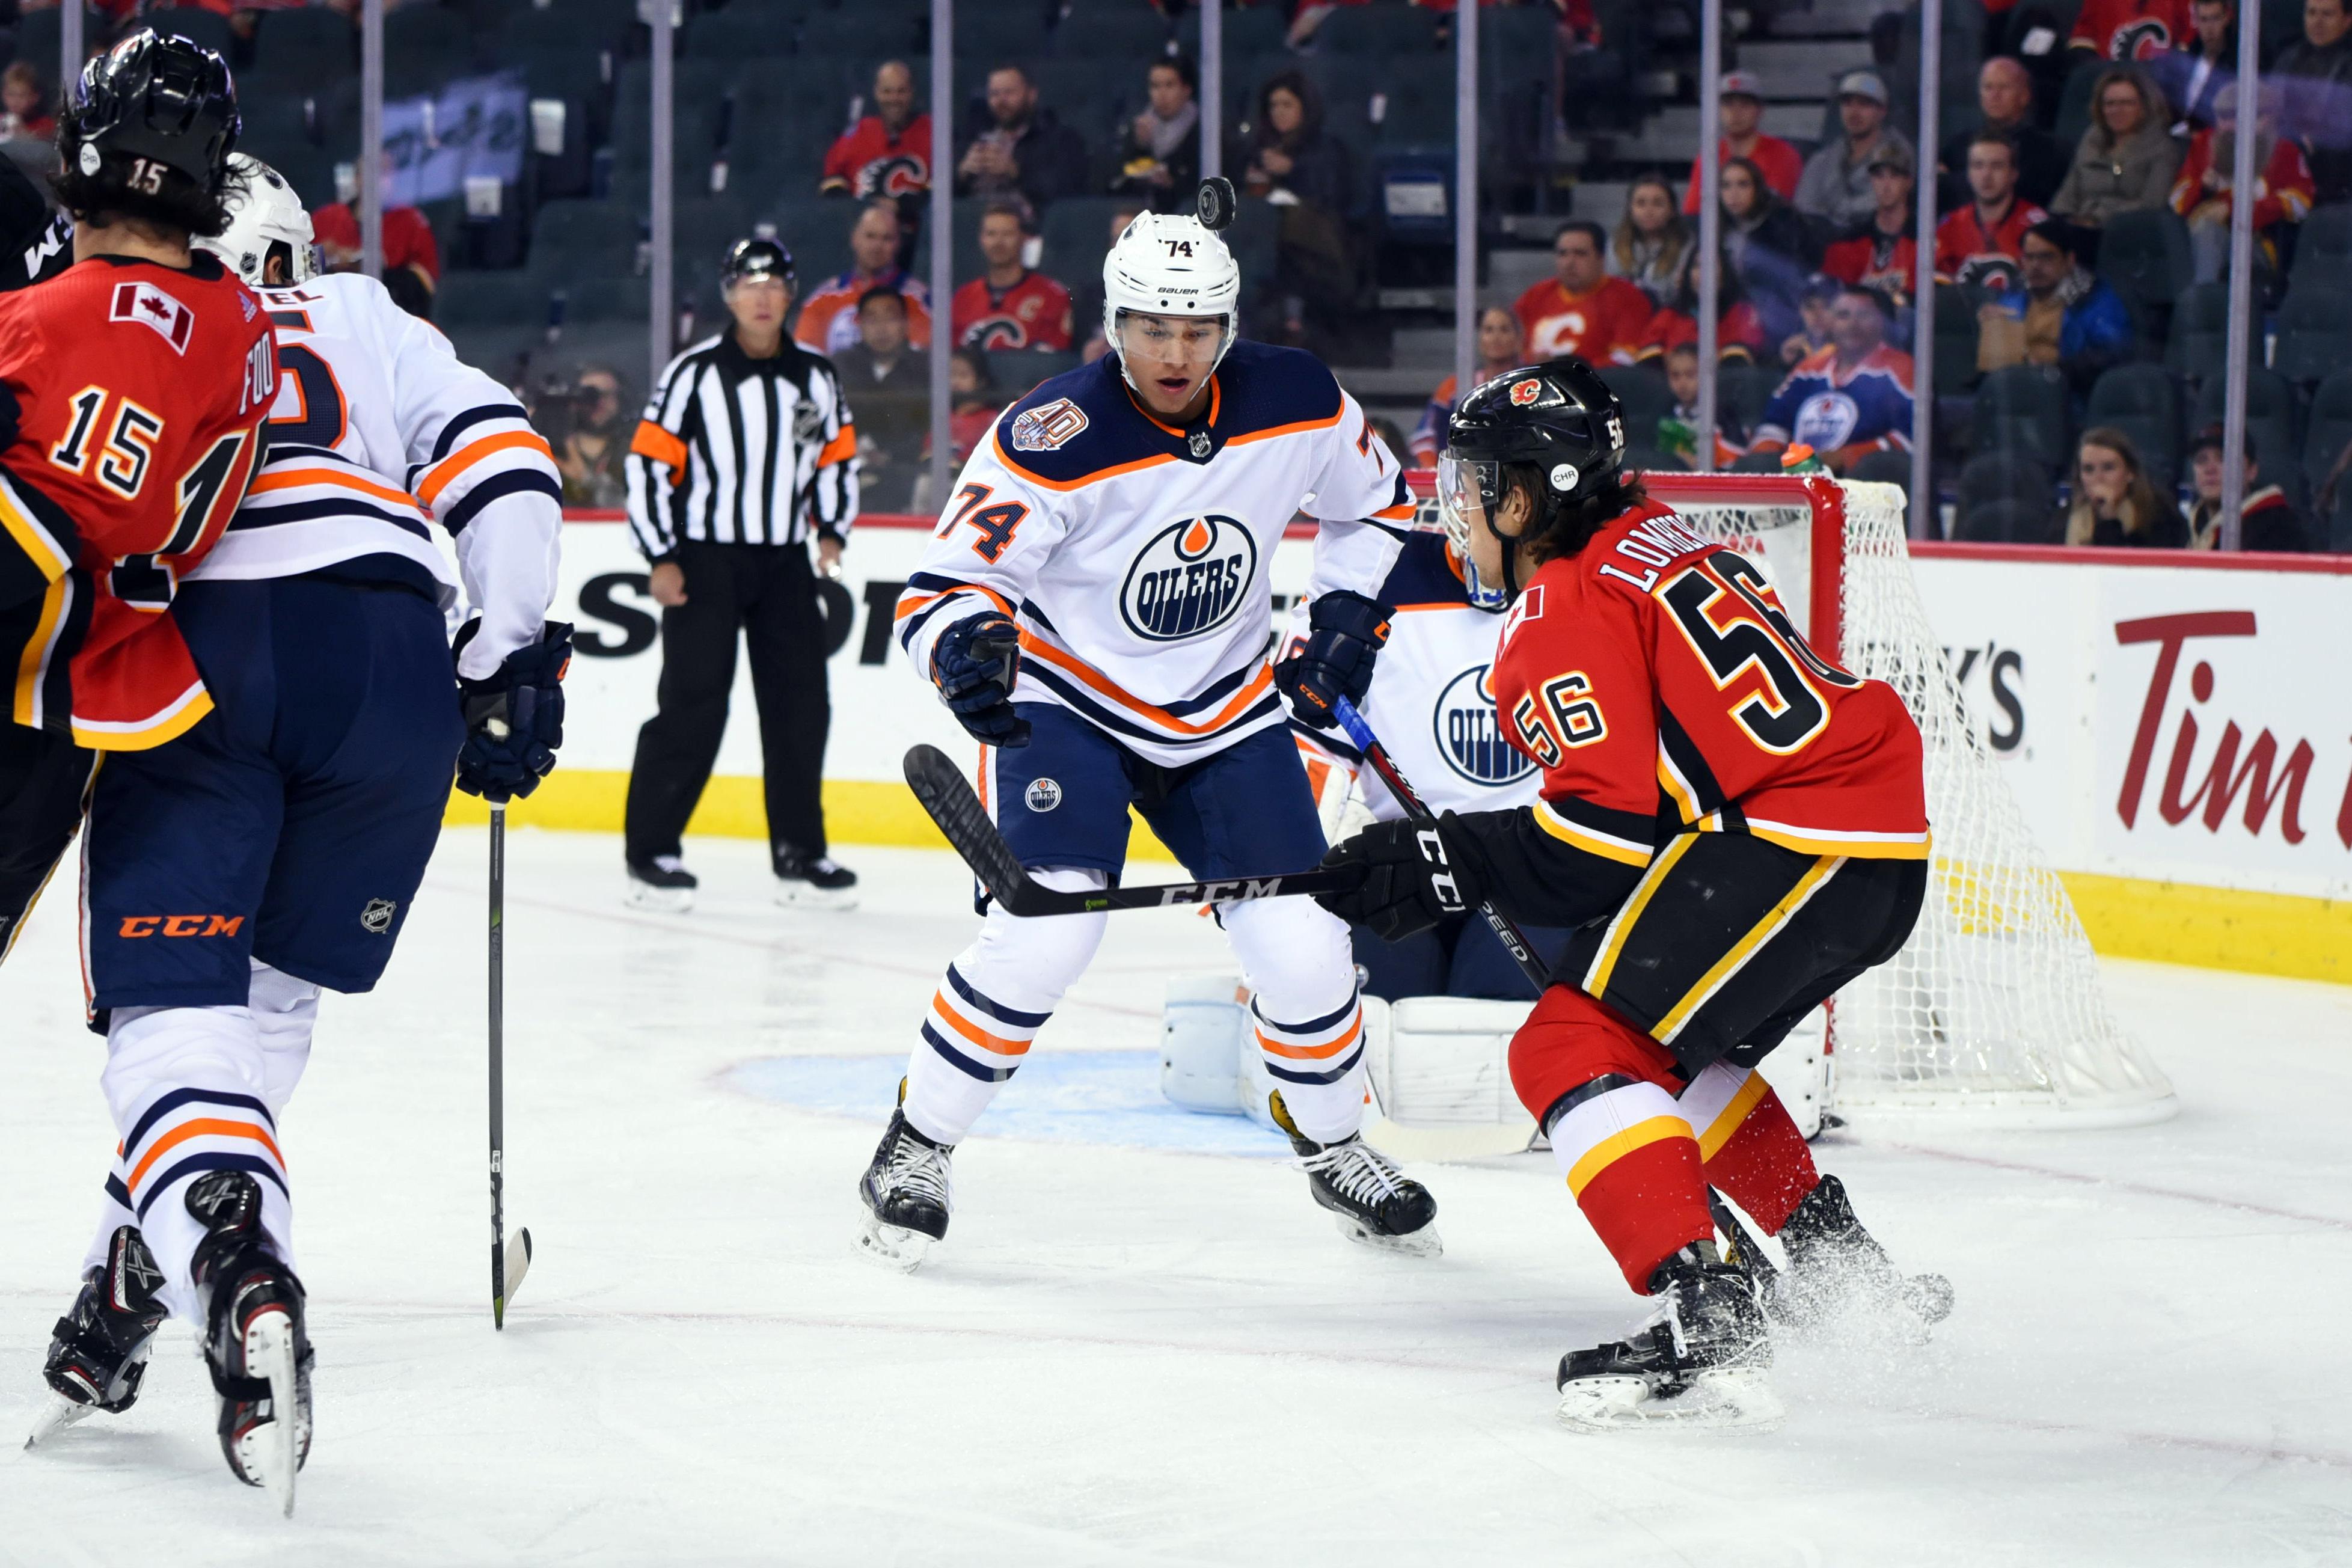 NHL: SEP 17 Preseason - Oilers at Flames